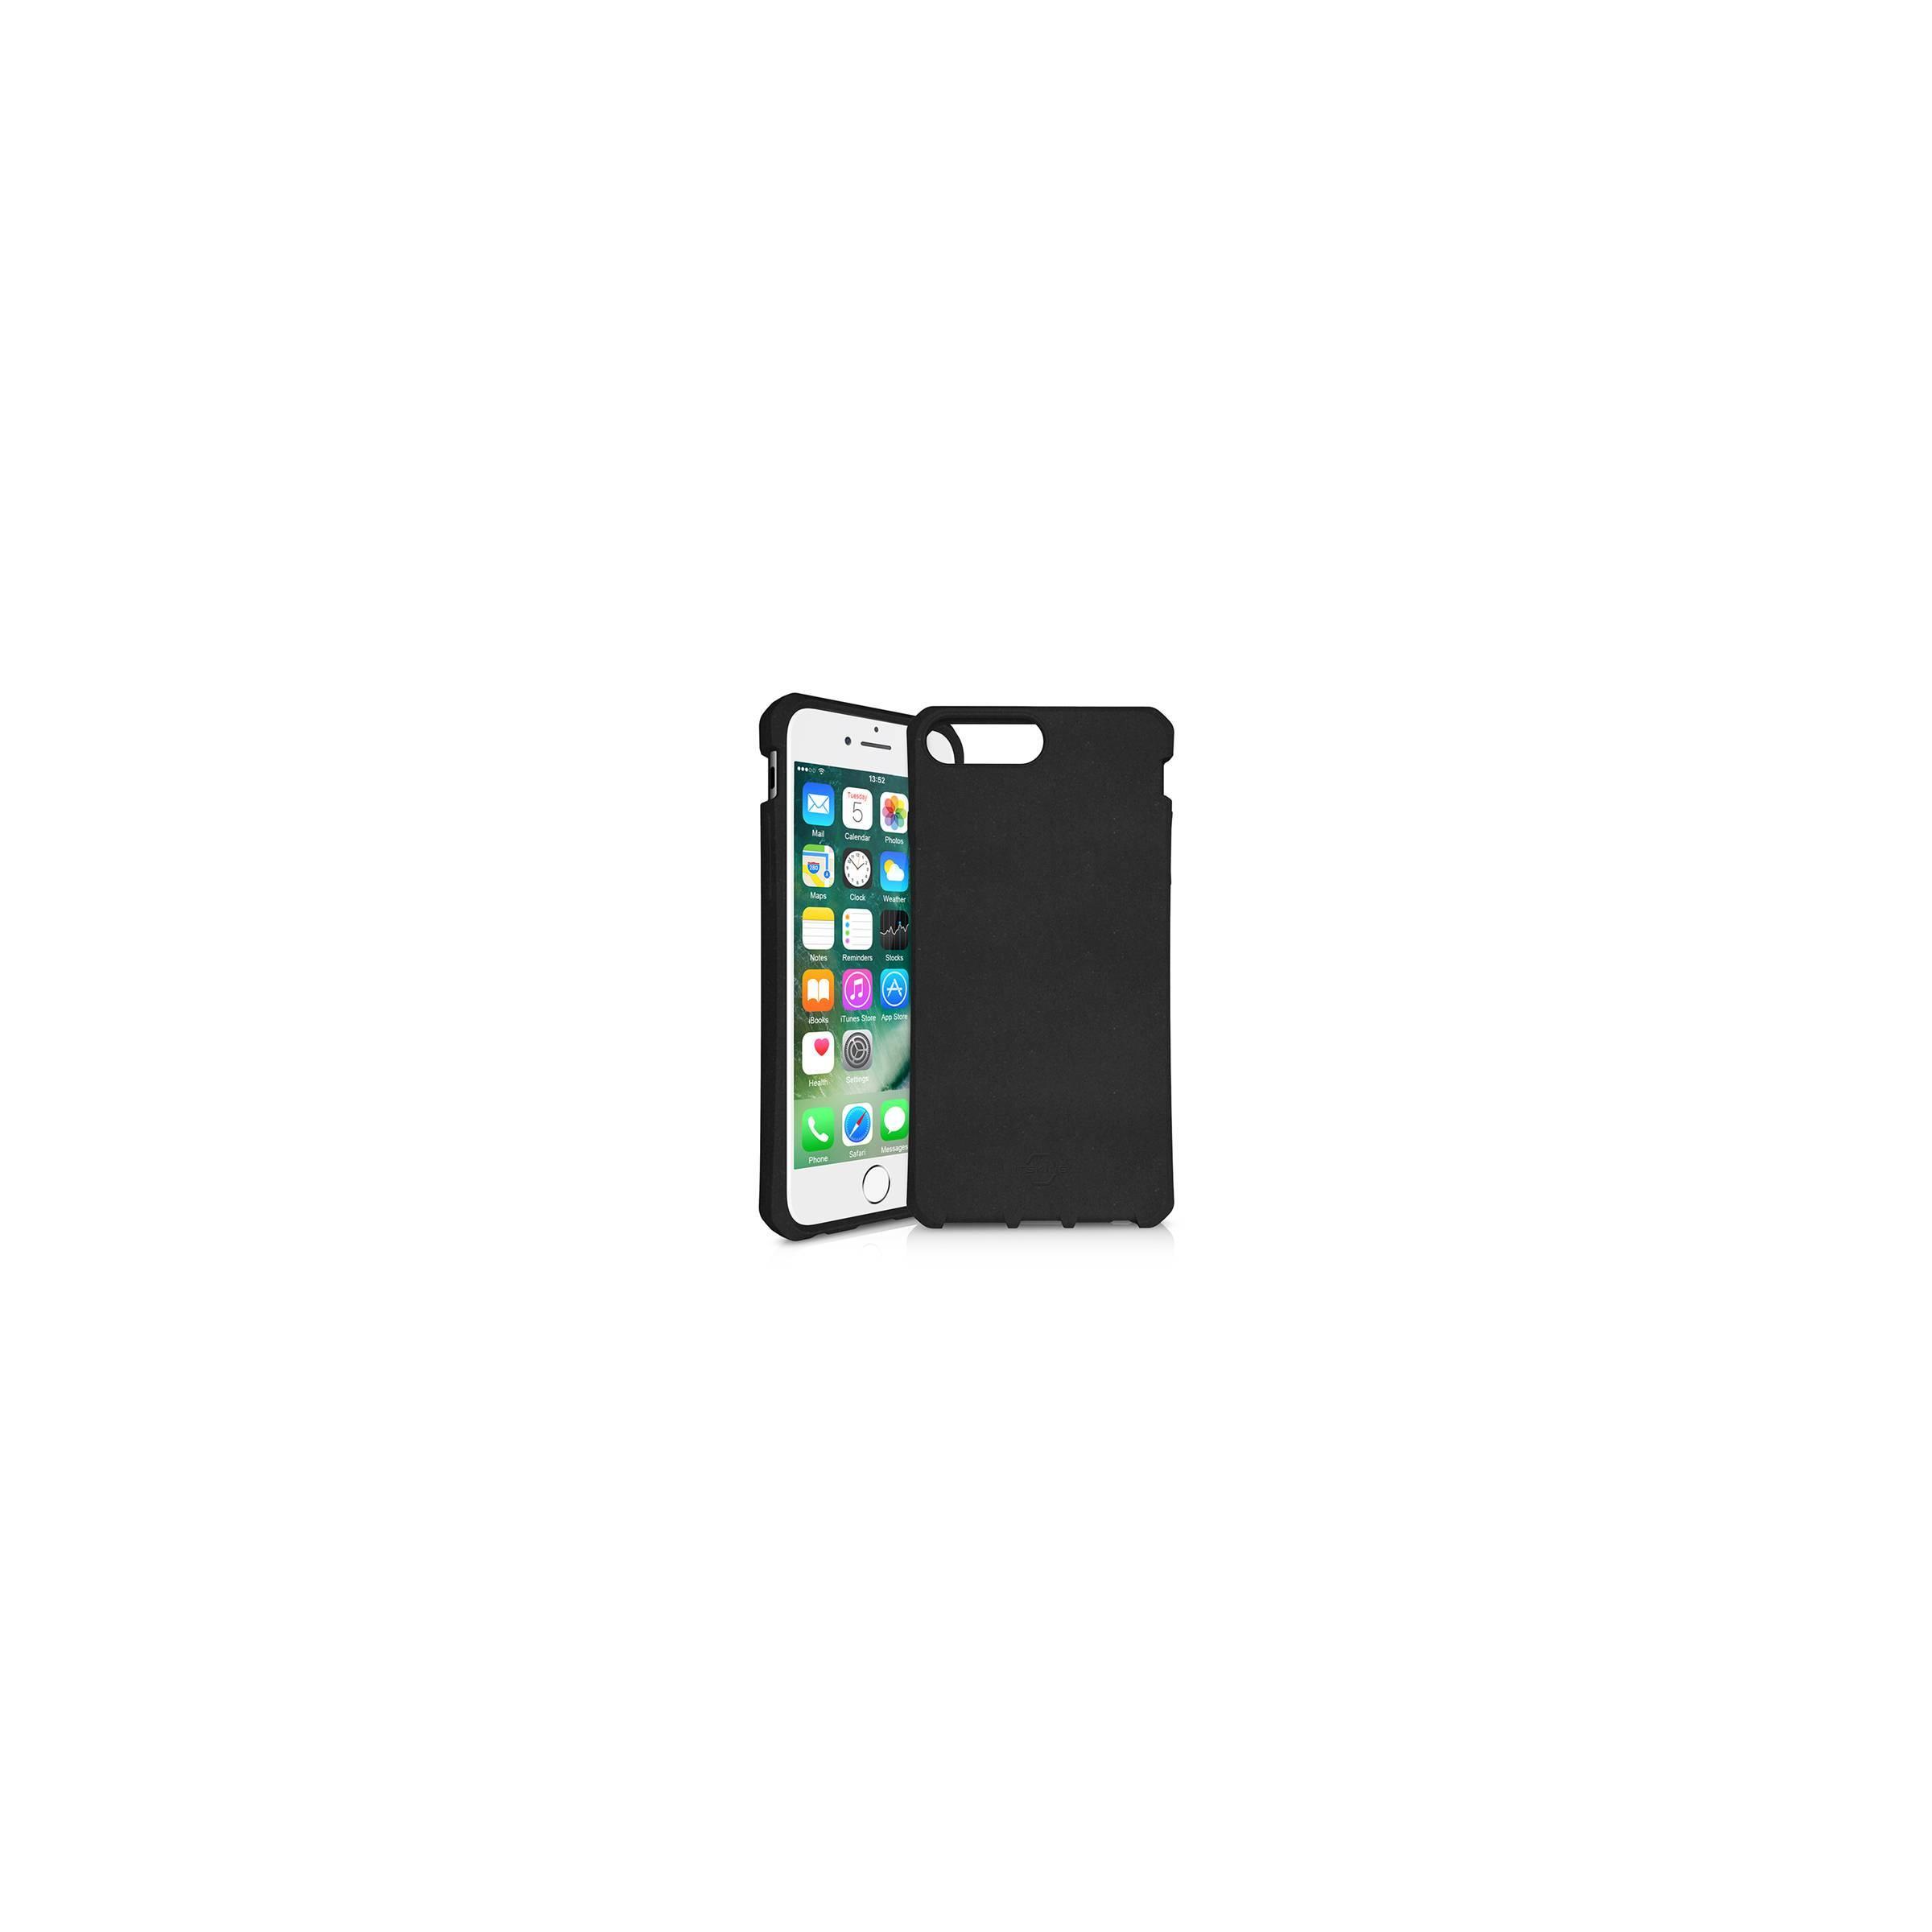 itskins – Feroniabio bionedbrydeligt iphone 6/6s/7/8 plus cover sort fra itskins fra mackabler.dk